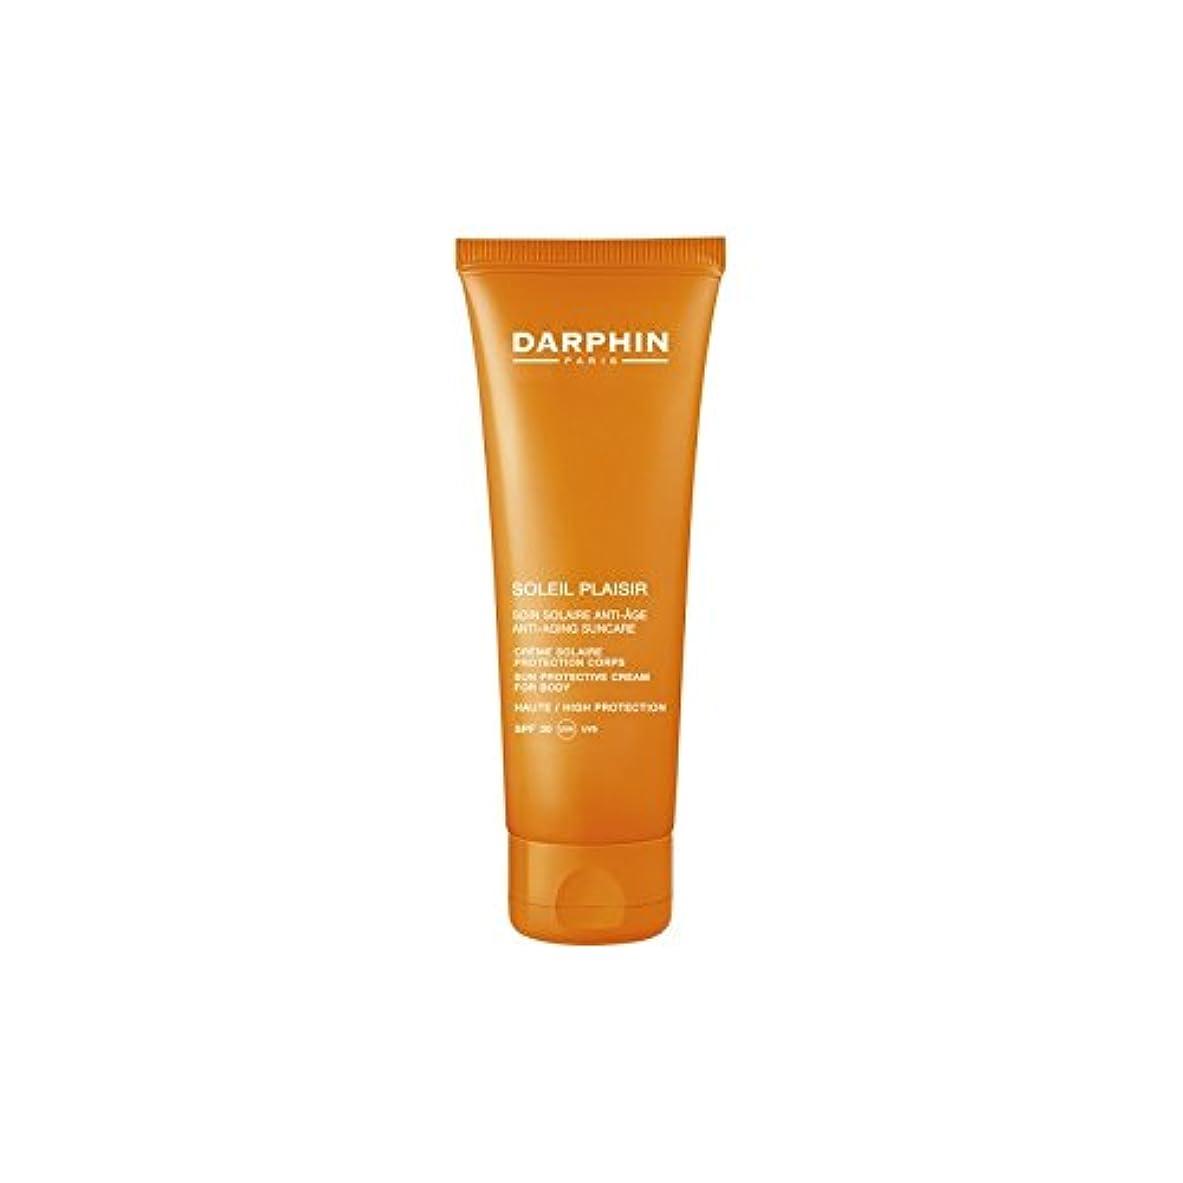 拡散する写真ヘルメットDarphin Soleil Plaisir Body Cream (Pack of 6) - ダルファンソレイユプレジールボディクリーム x6 [並行輸入品]